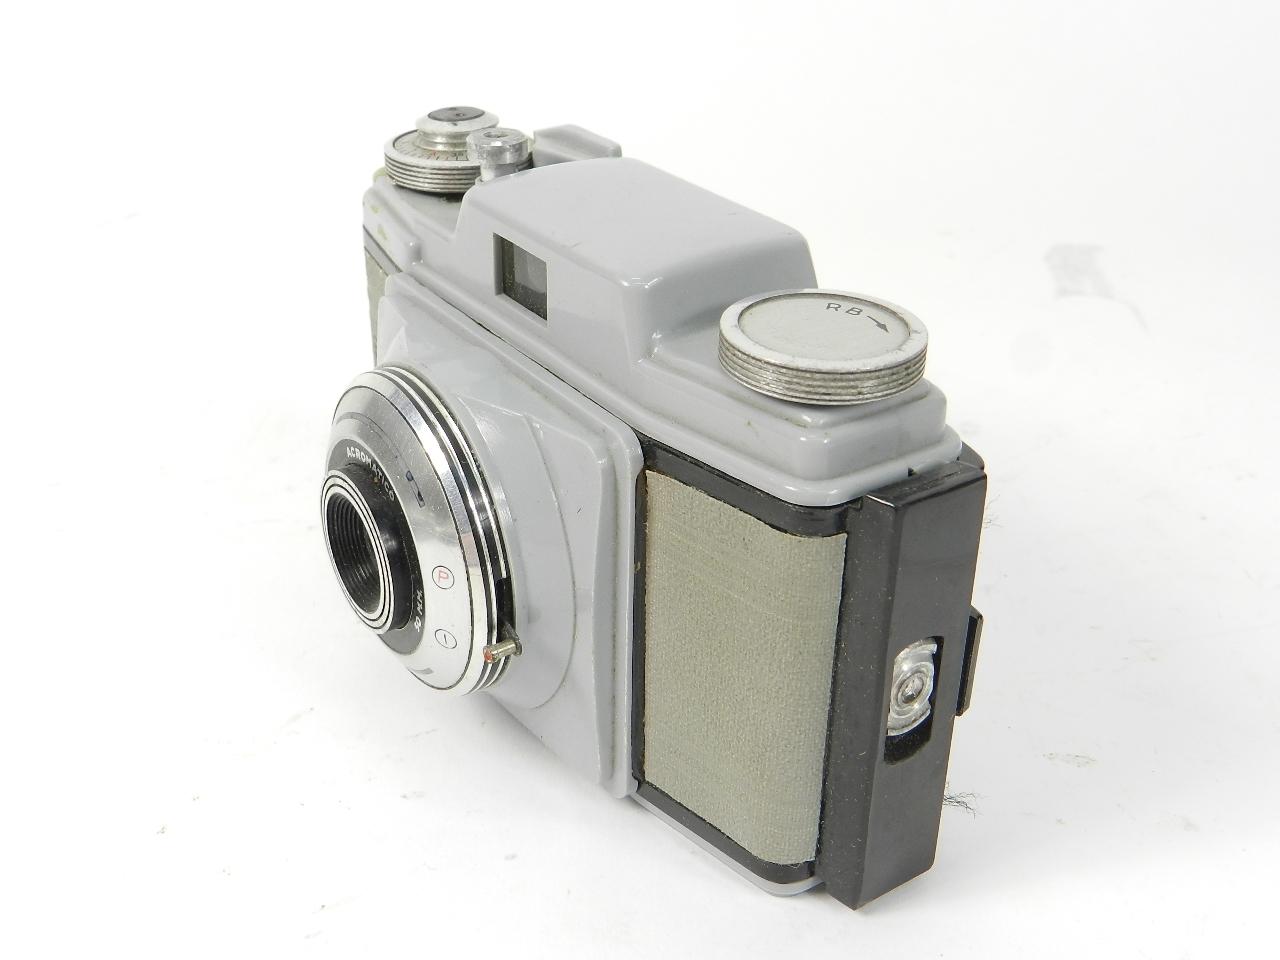 Imagen WERLISA I  AÑO 1960 MADE IN SPAIN 38246